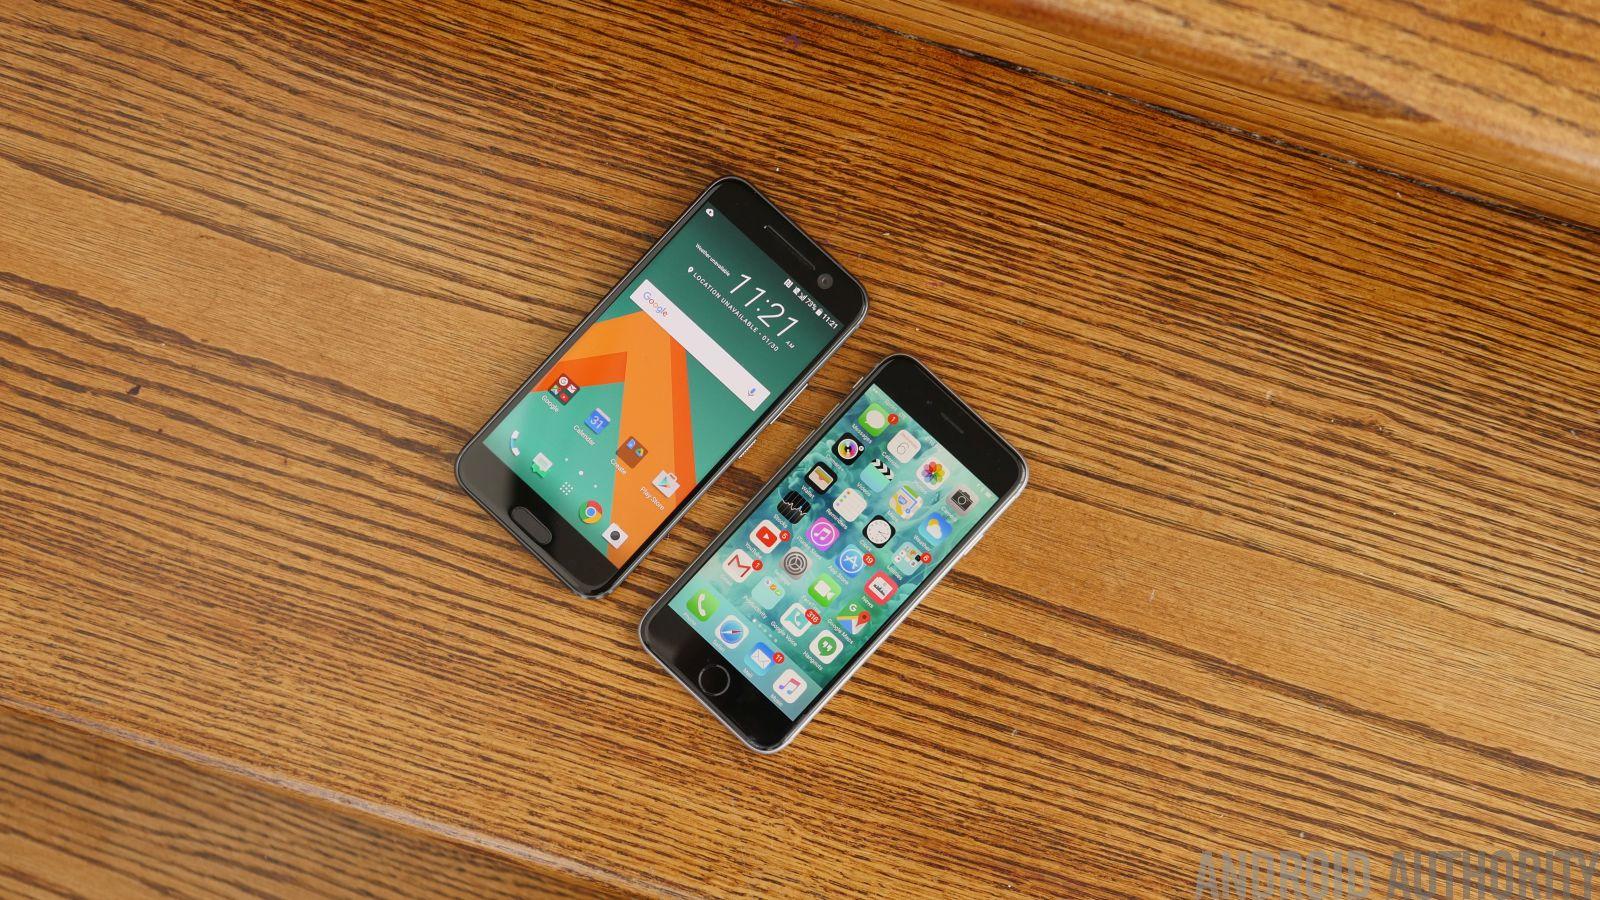 Htc 10 Specs Vs Iphone 6s